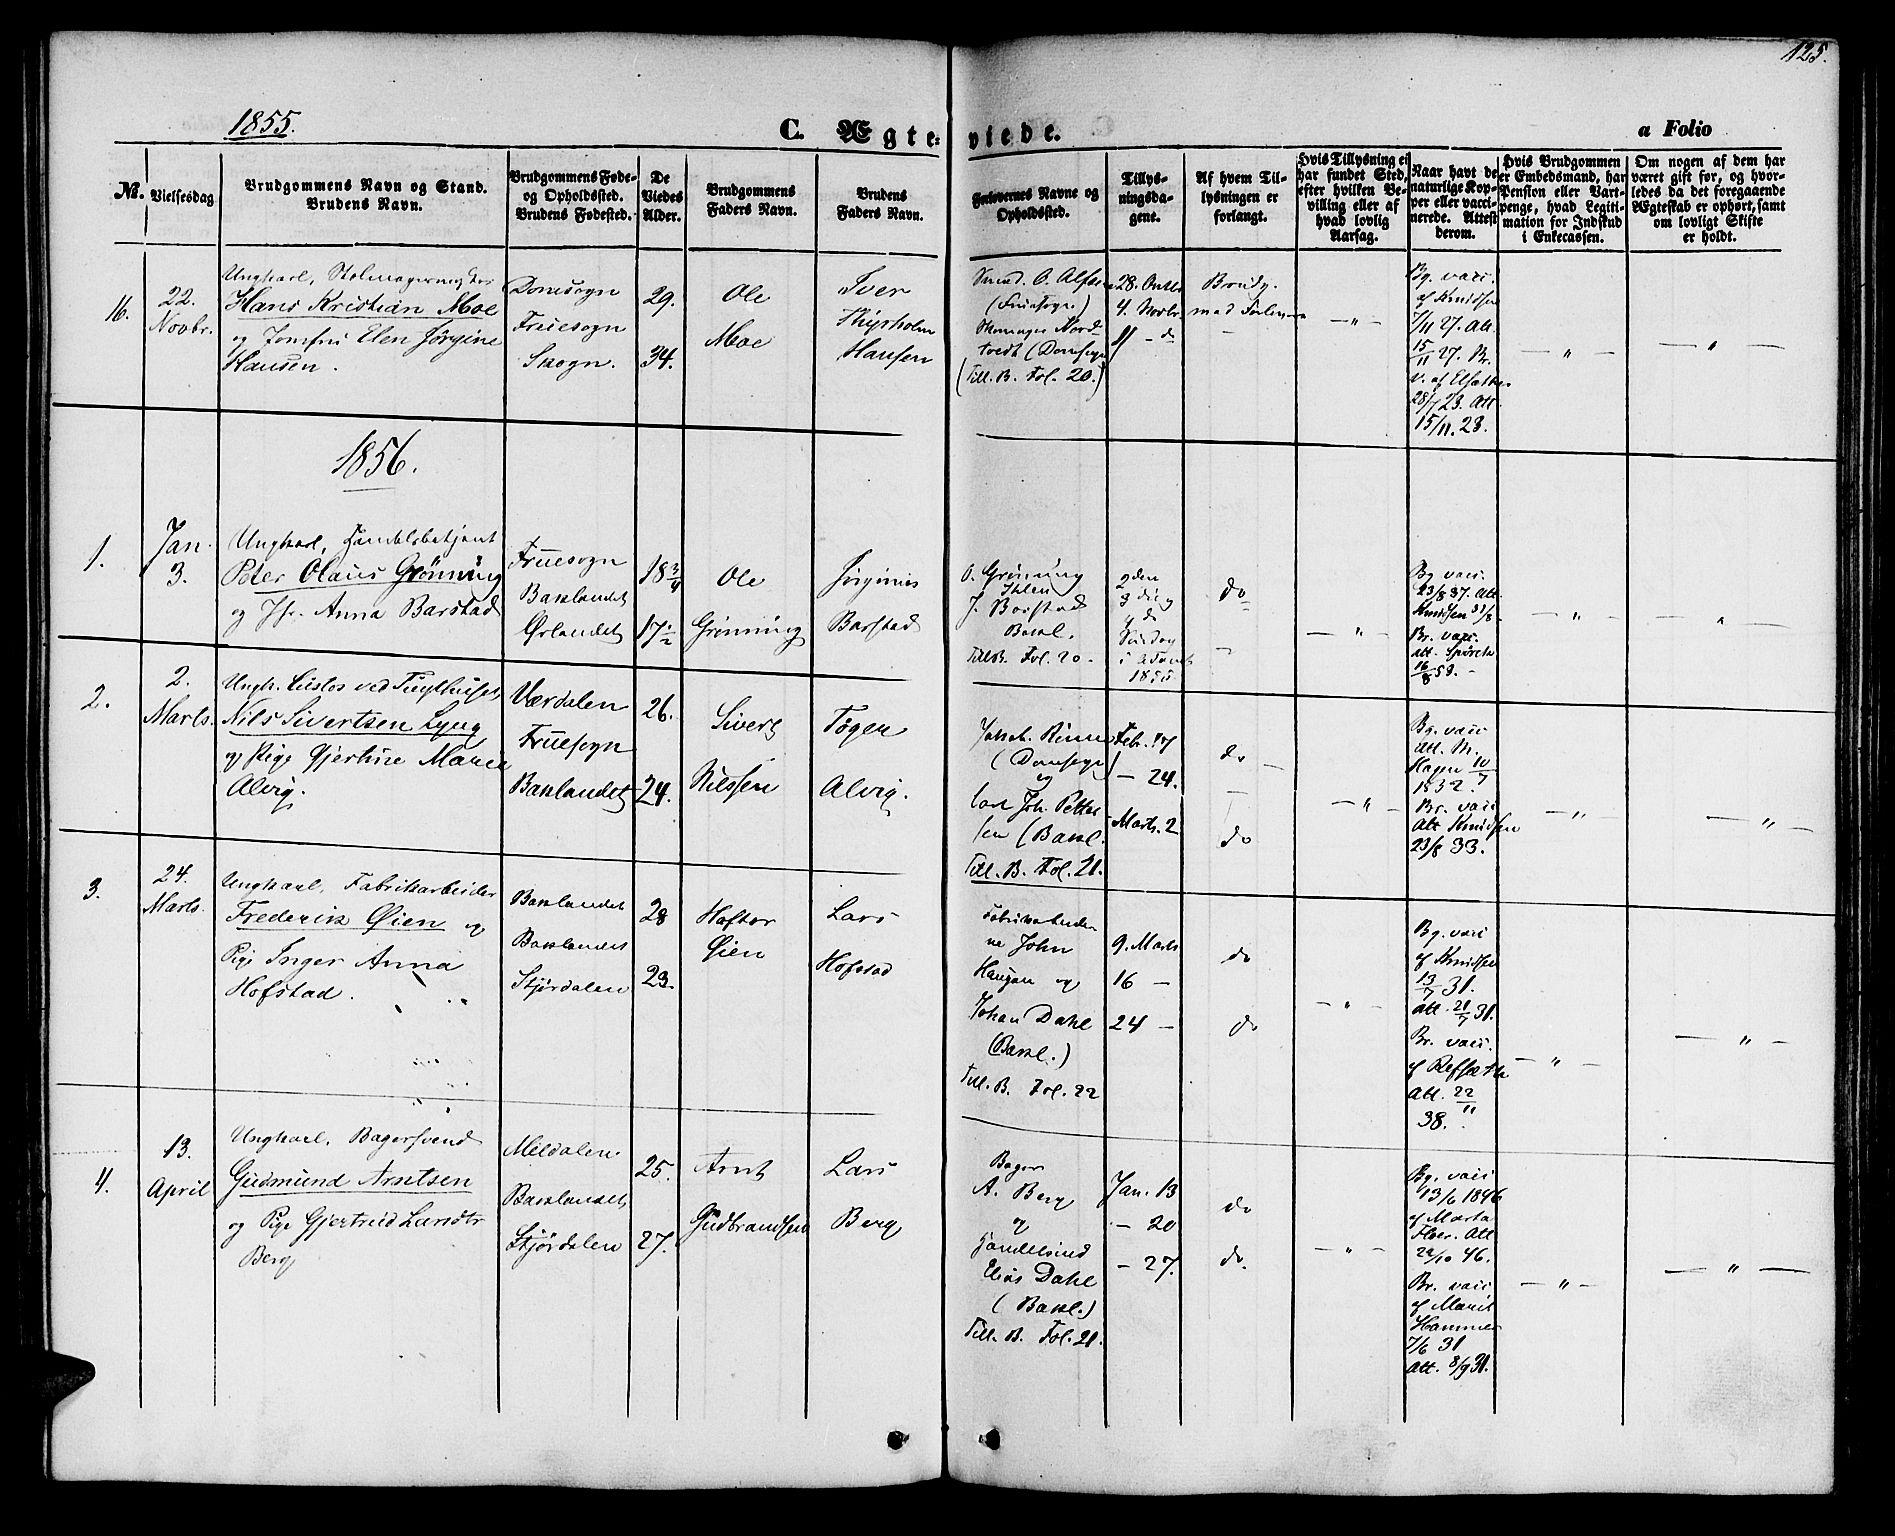 SAT, Ministerialprotokoller, klokkerbøker og fødselsregistre - Sør-Trøndelag, 604/L0184: Ministerialbok nr. 604A05, 1851-1860, s. 125